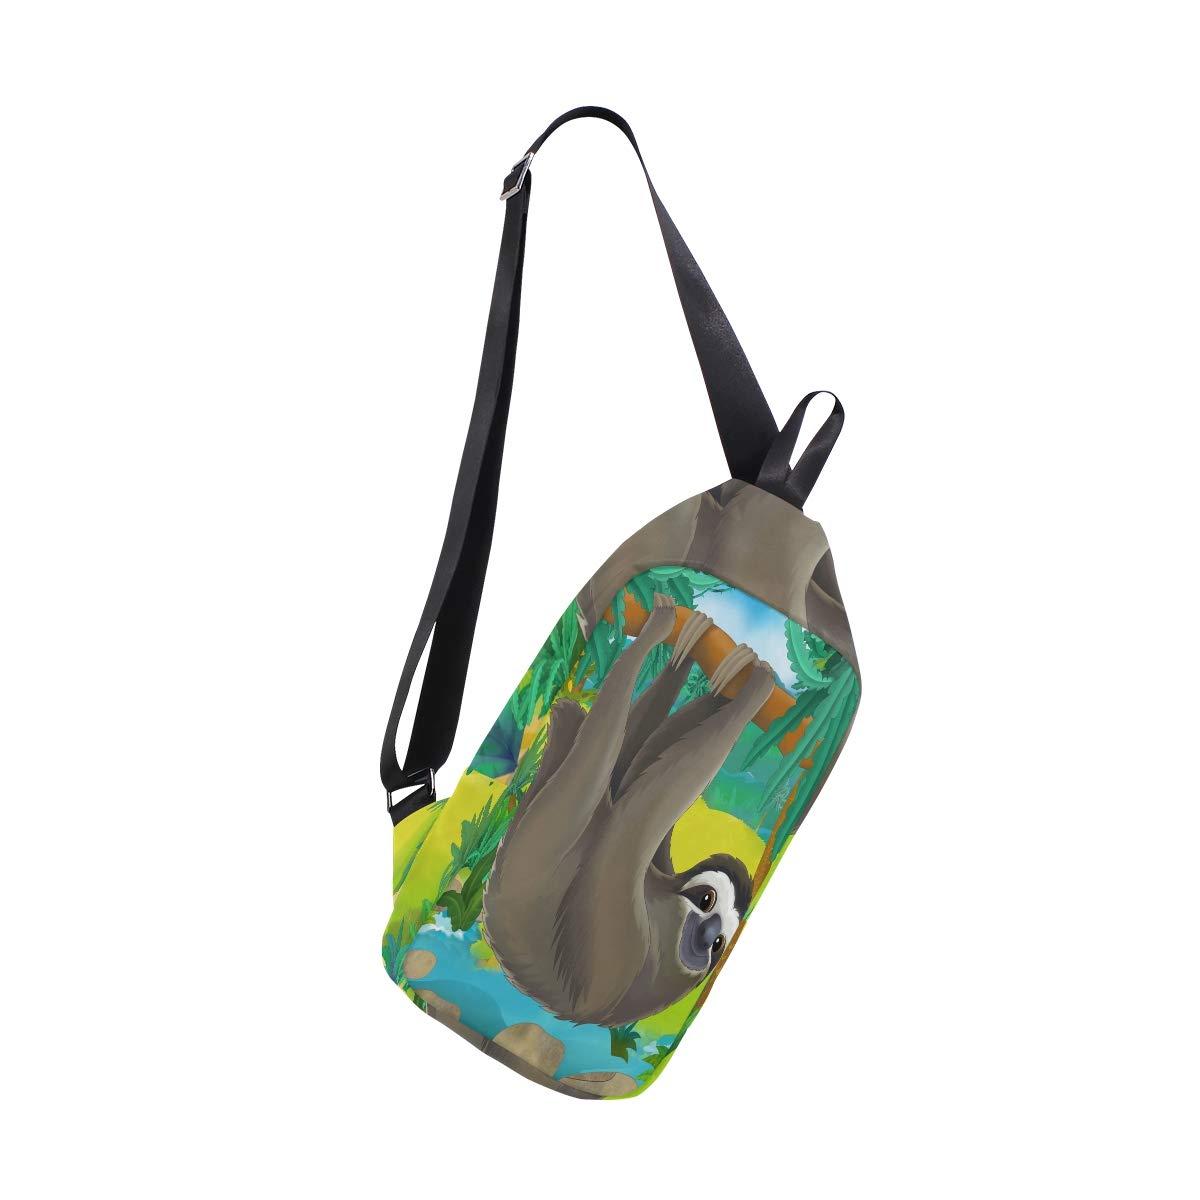 TFONE Hippie Funny Animal Sloth Crossbody Bag Lightweight Chest Shoulder Messenger Pack Backpack Sling Bag